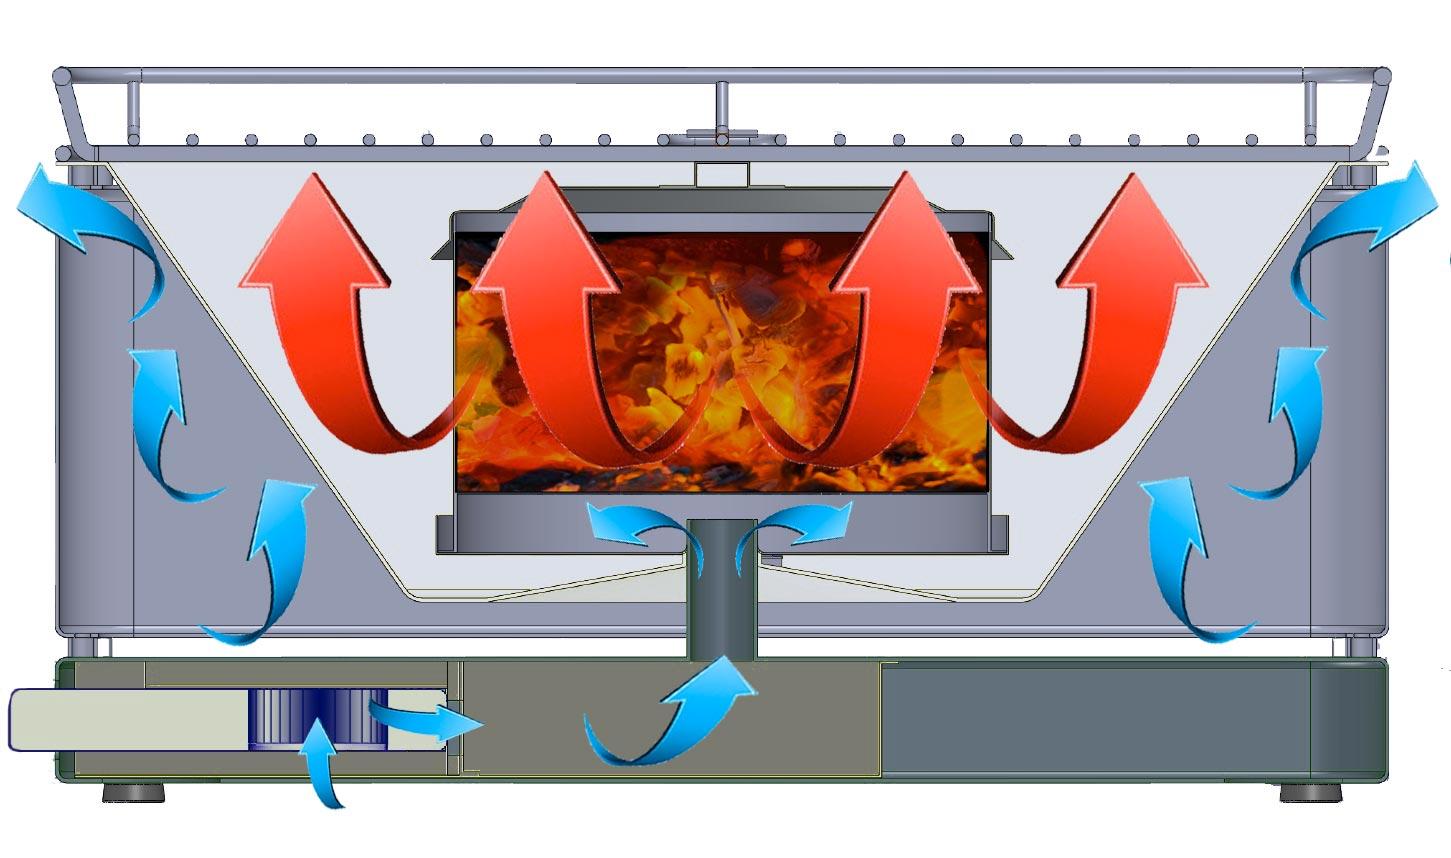 Rauchfreier Grill Feuerdesign Mayon Ø33cm grün Bild 3